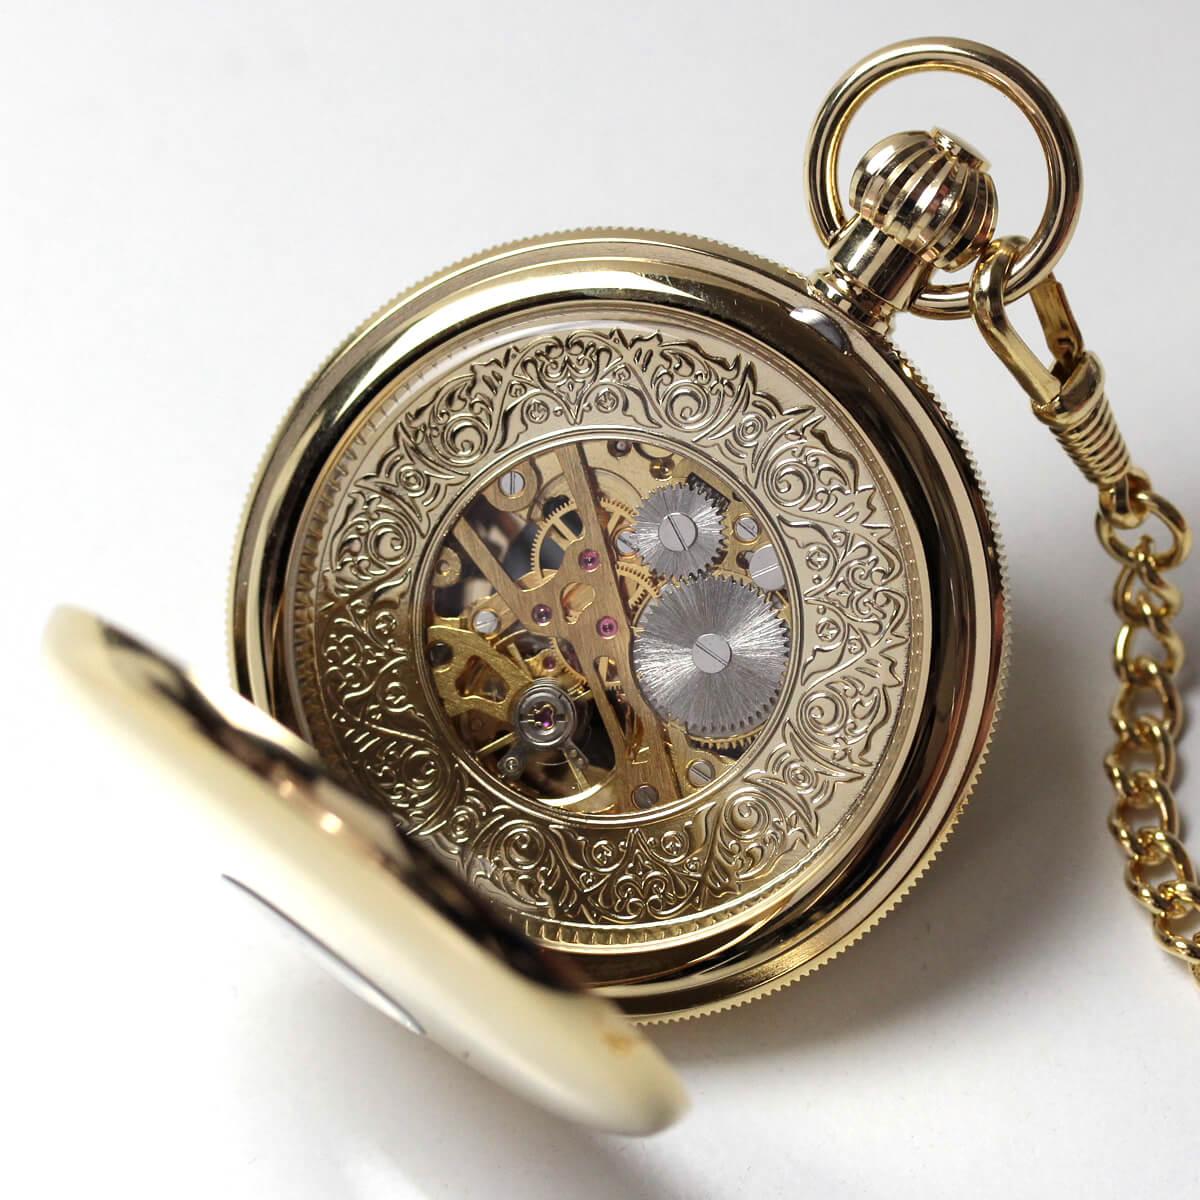 イギリスブランド rapport(ラポート) 懐中時計 pw48 裏蓋を開けたところ。スケルトンになっていて、中のムーブメントがよく見えます。